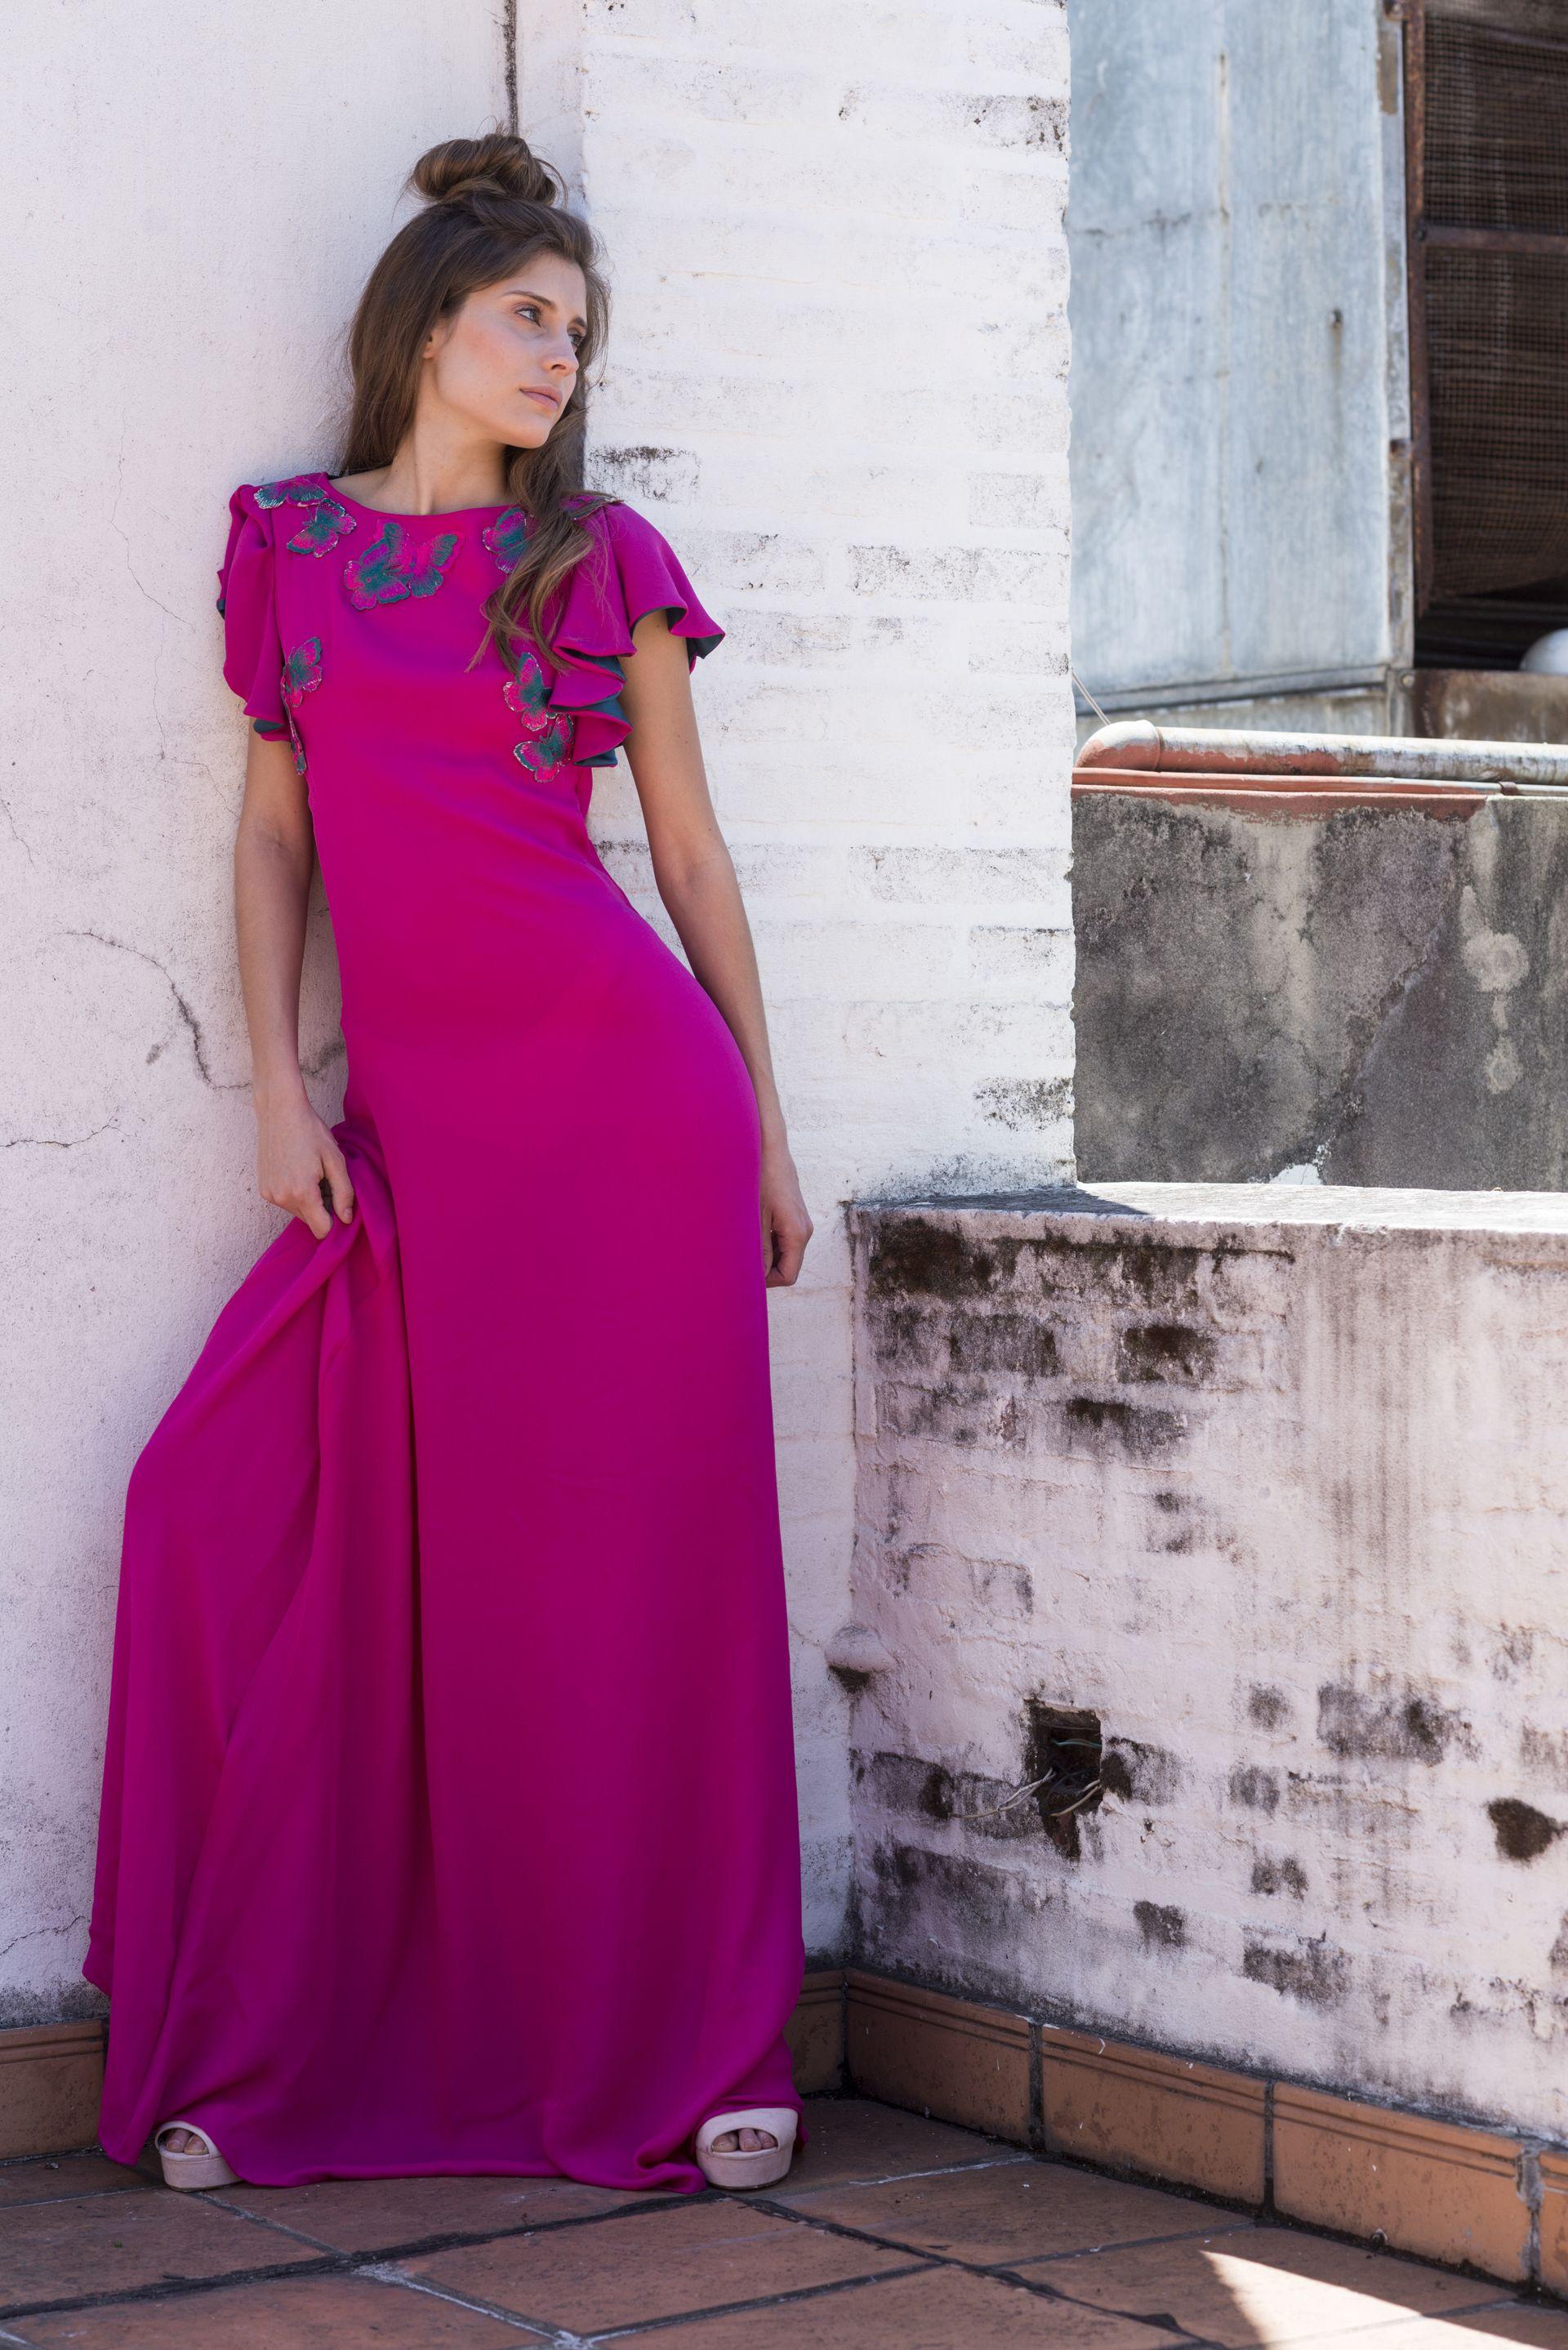 Increíble Vestido De Novia Generador Imágenes - Ideas de Vestidos de ...